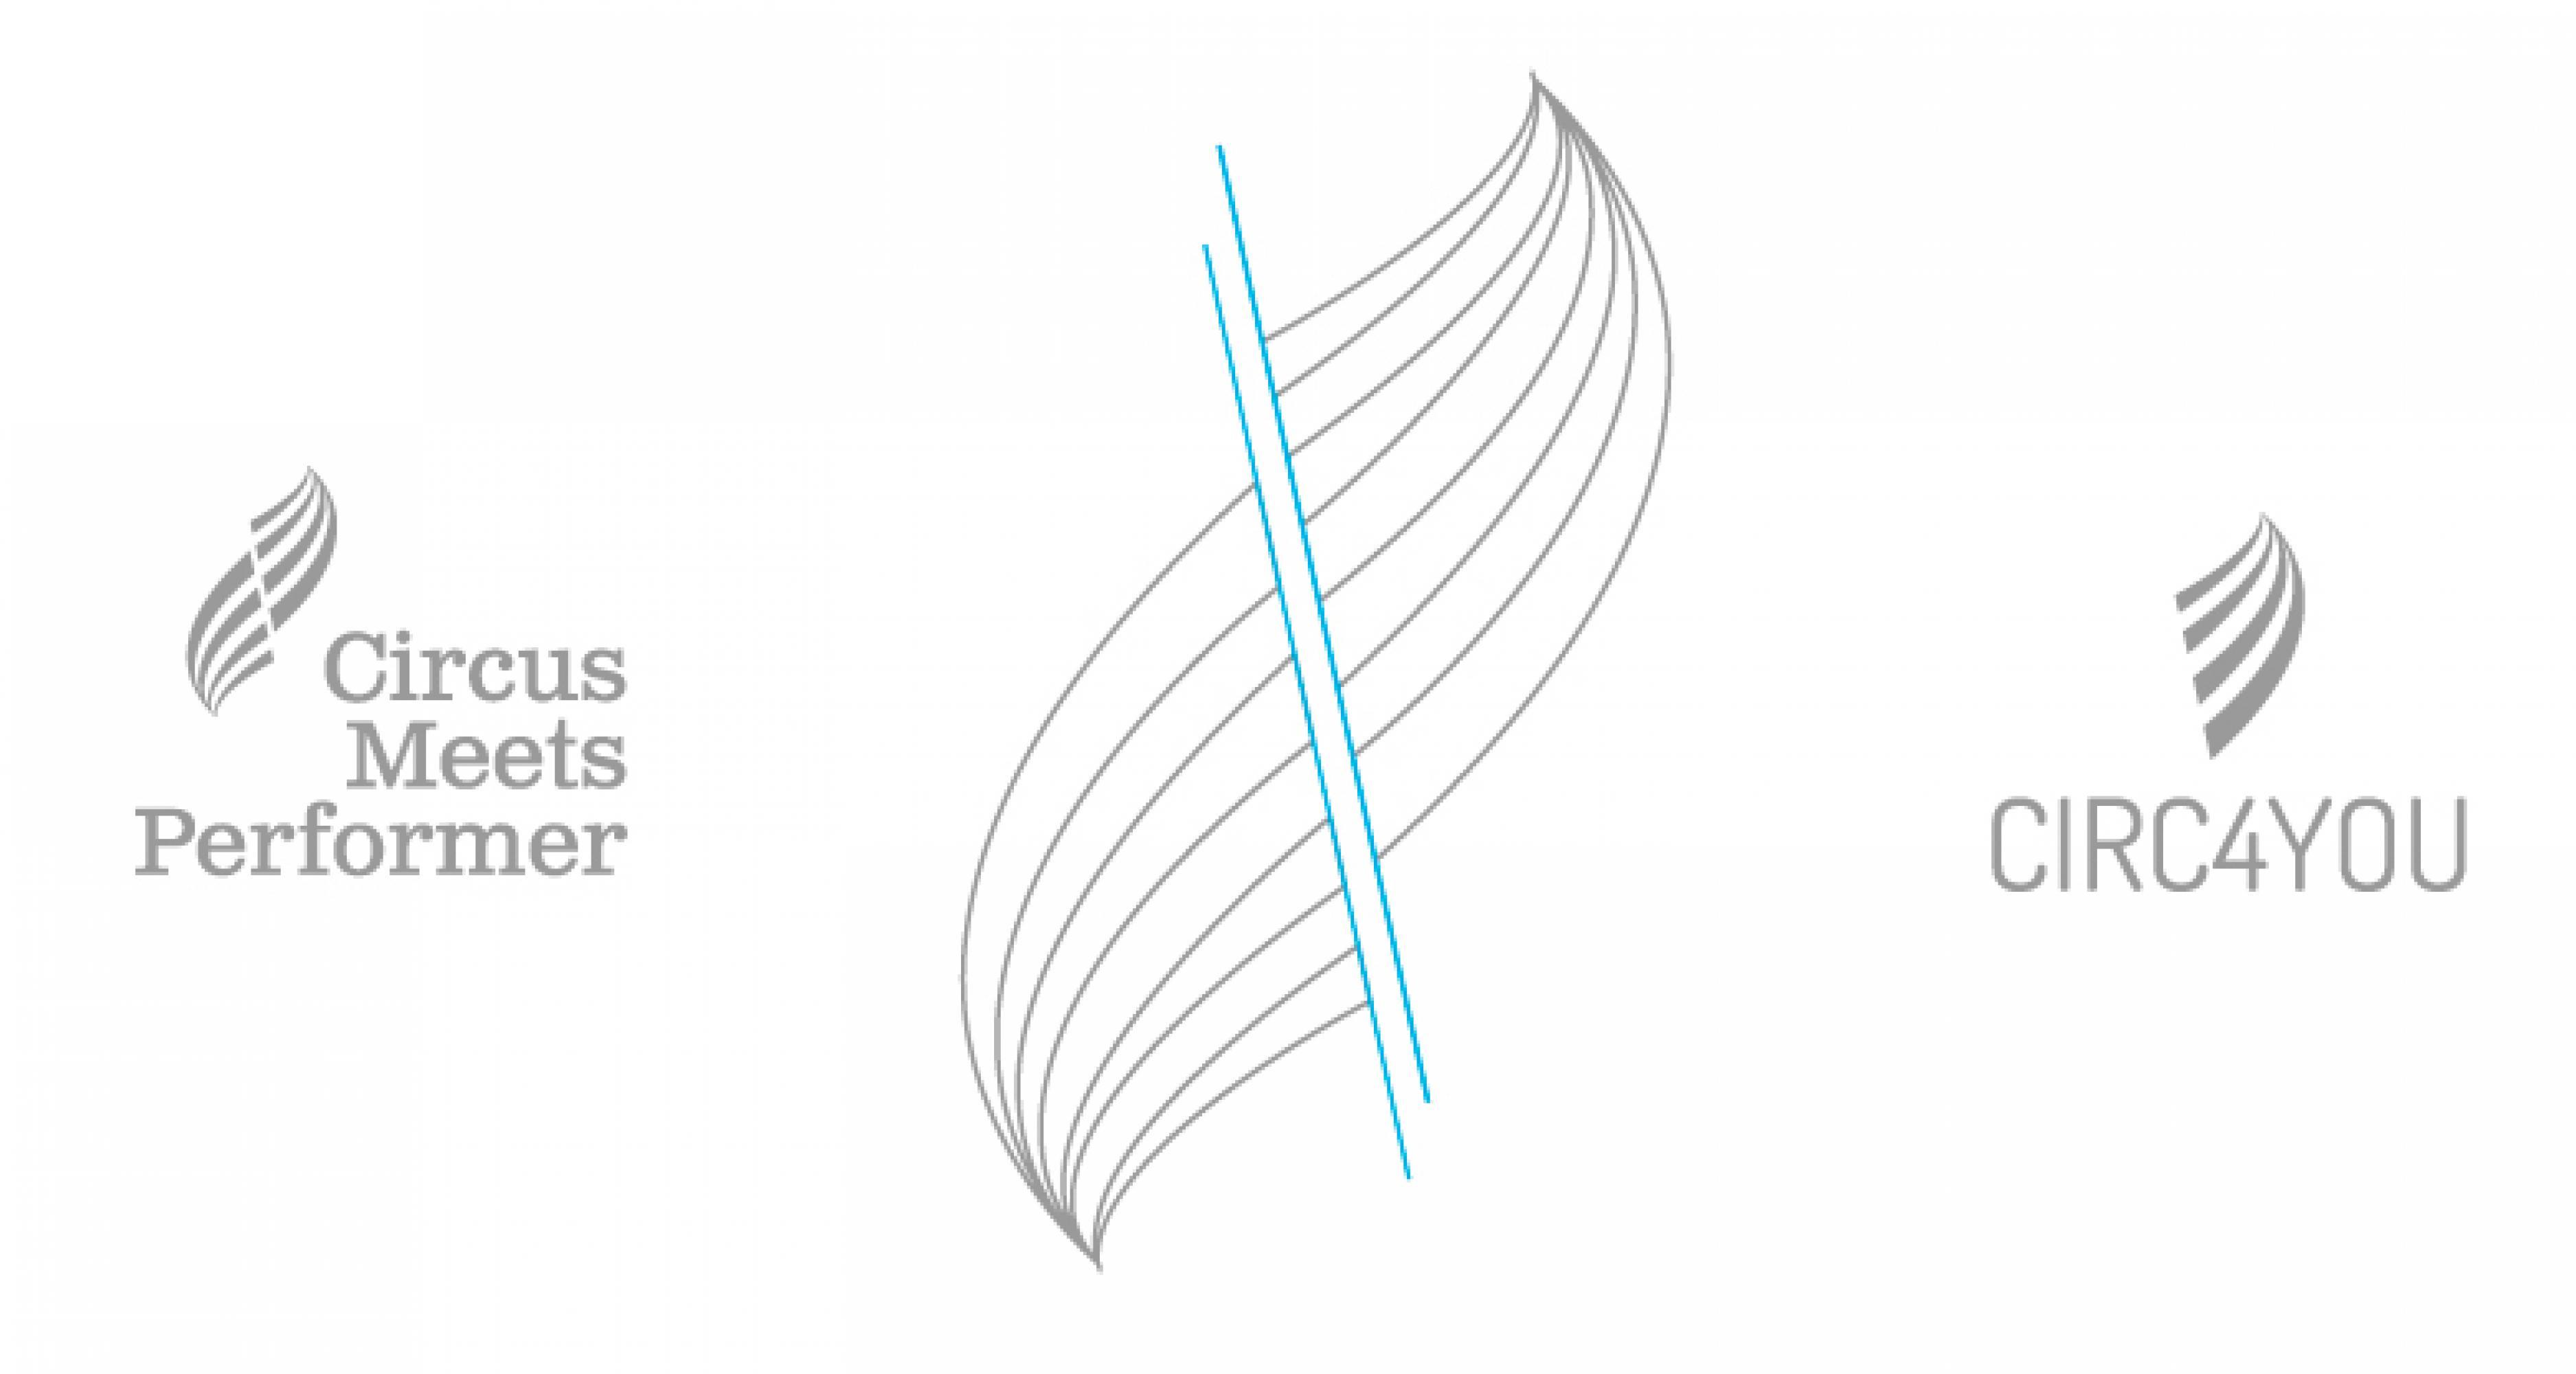 Corporate-Identity-Künstlerbranche-Logo-Vergleich